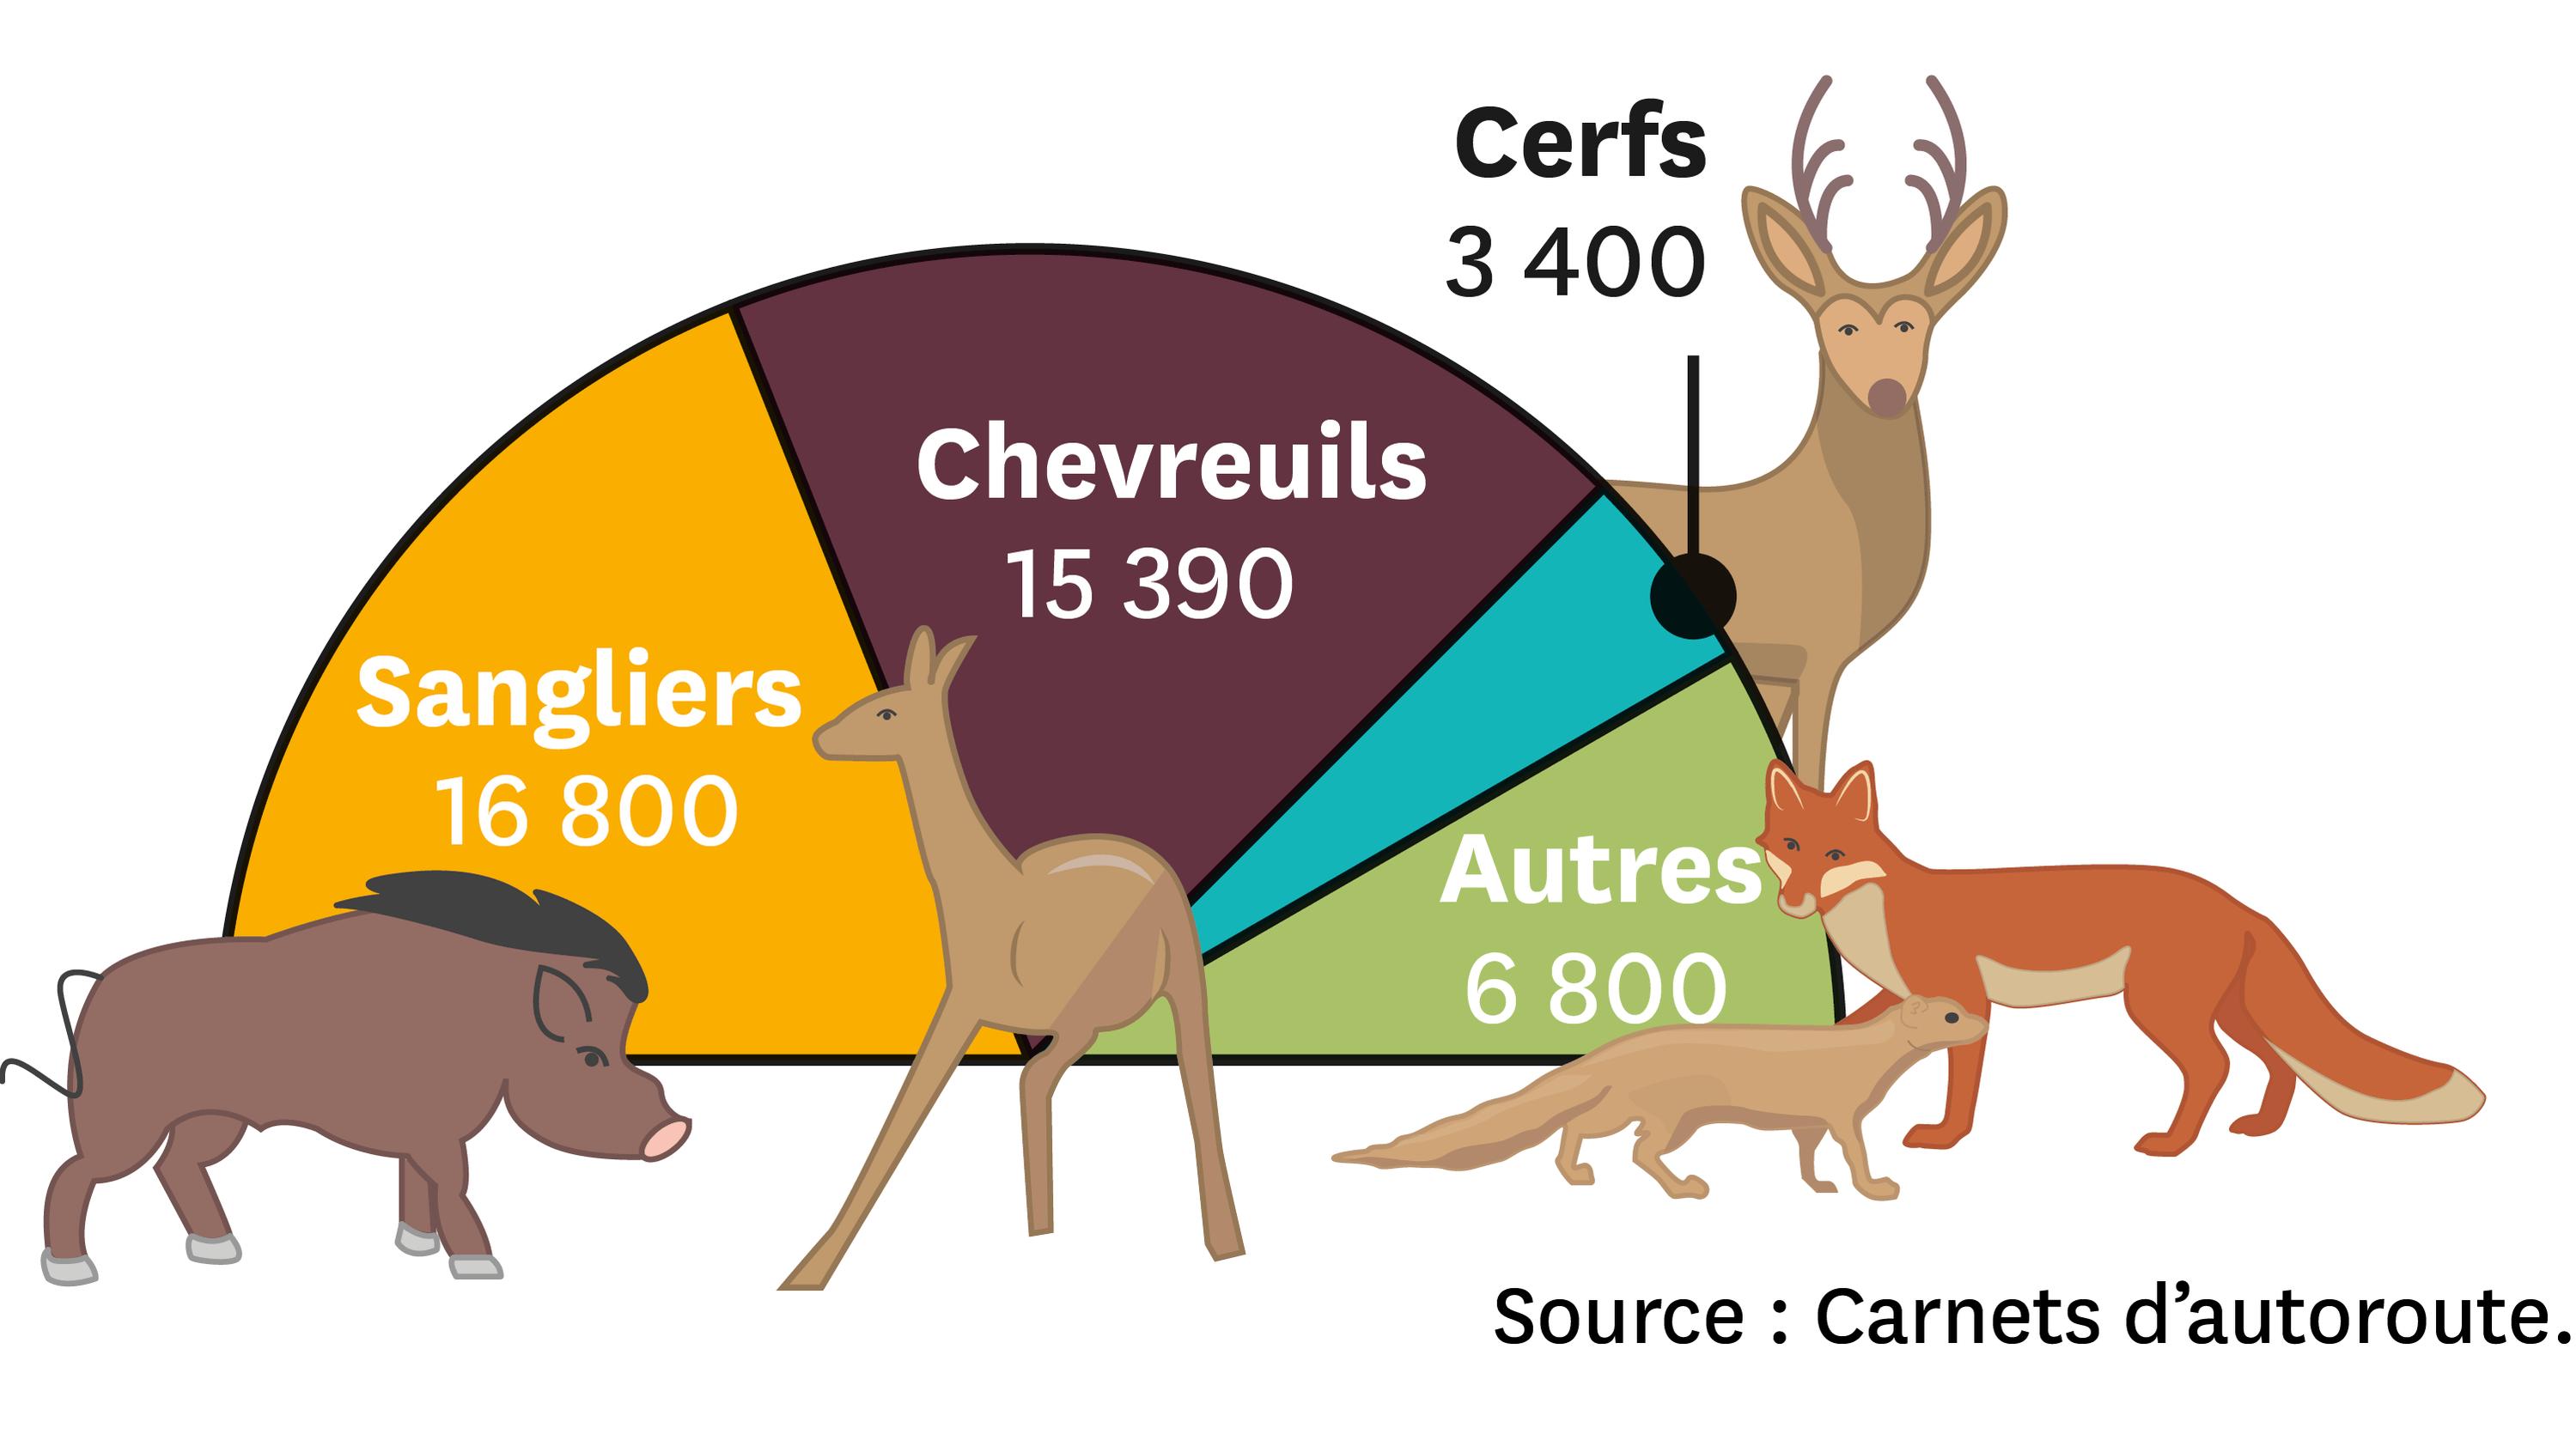 Les collisions recensées entre des automobilistes et la faune locale sur l'autoroute en France en 2008.